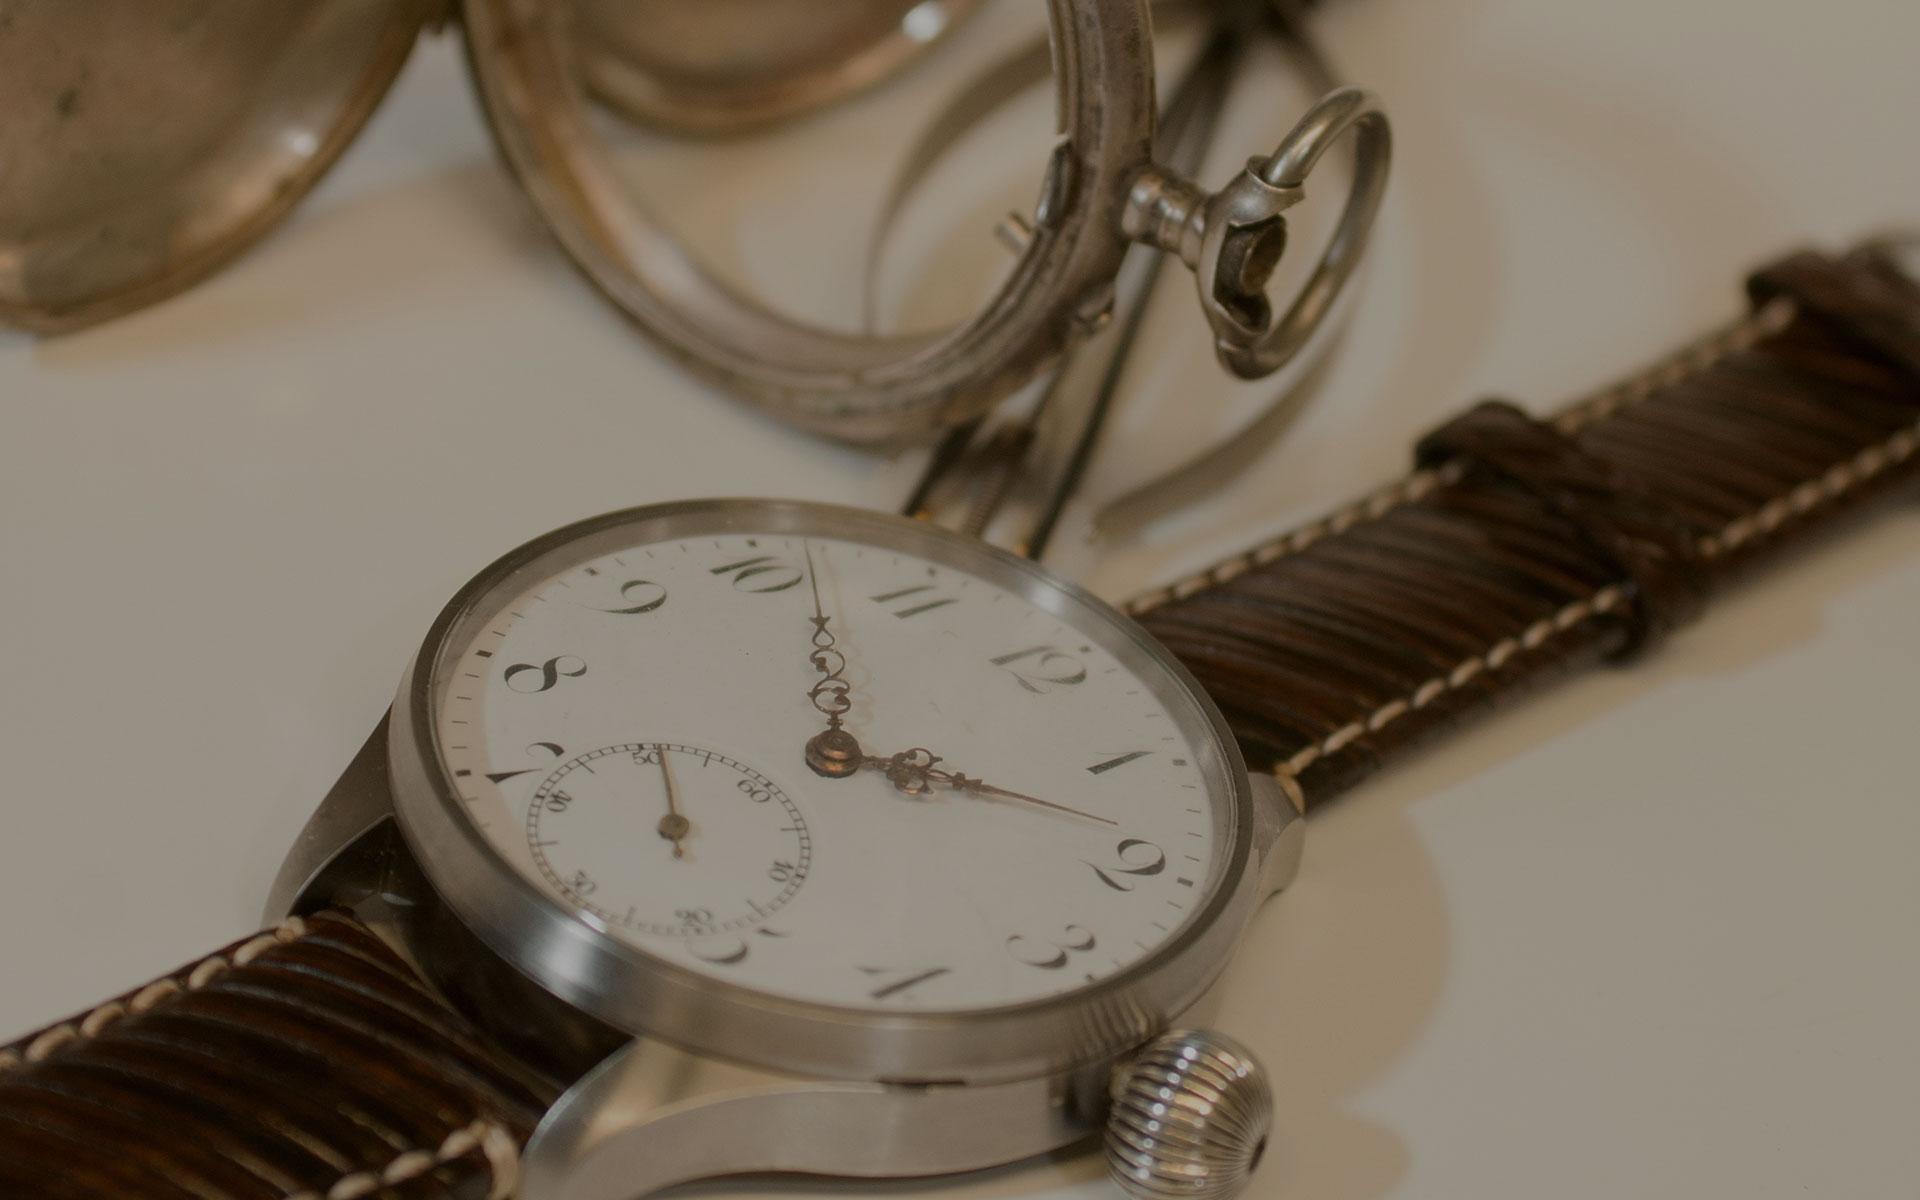 Ausgezeichneter Service dank zertifizierter Uhrenwerkstatt bei Juwelier Pfeffel